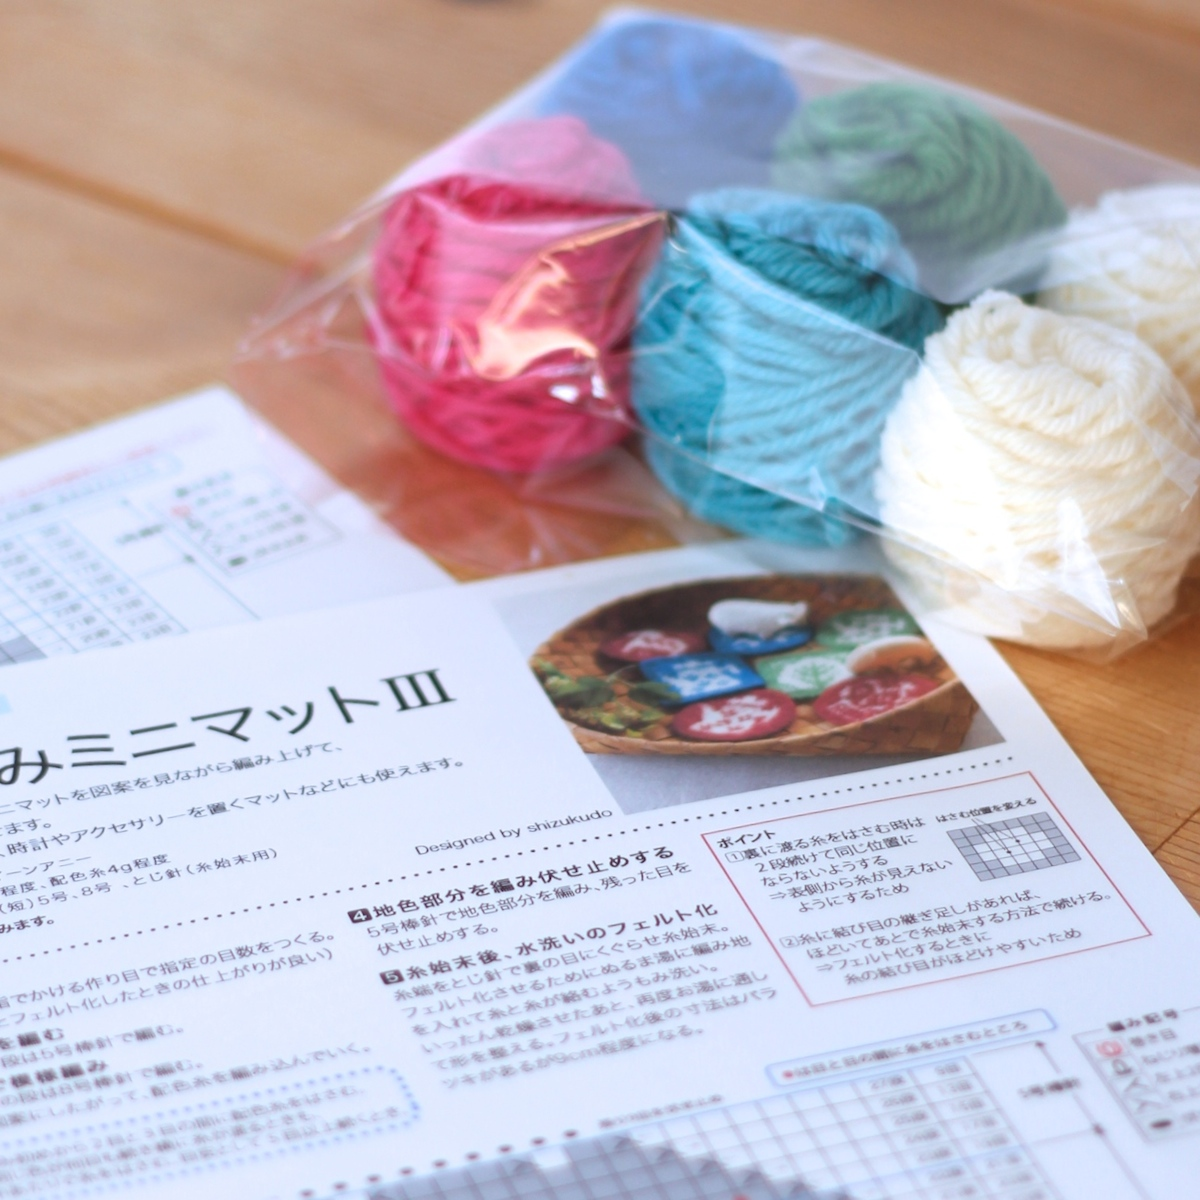 12/20しずく堂Store@fukuya販売予定品の詳細【3】_a0157701_12445775.jpg